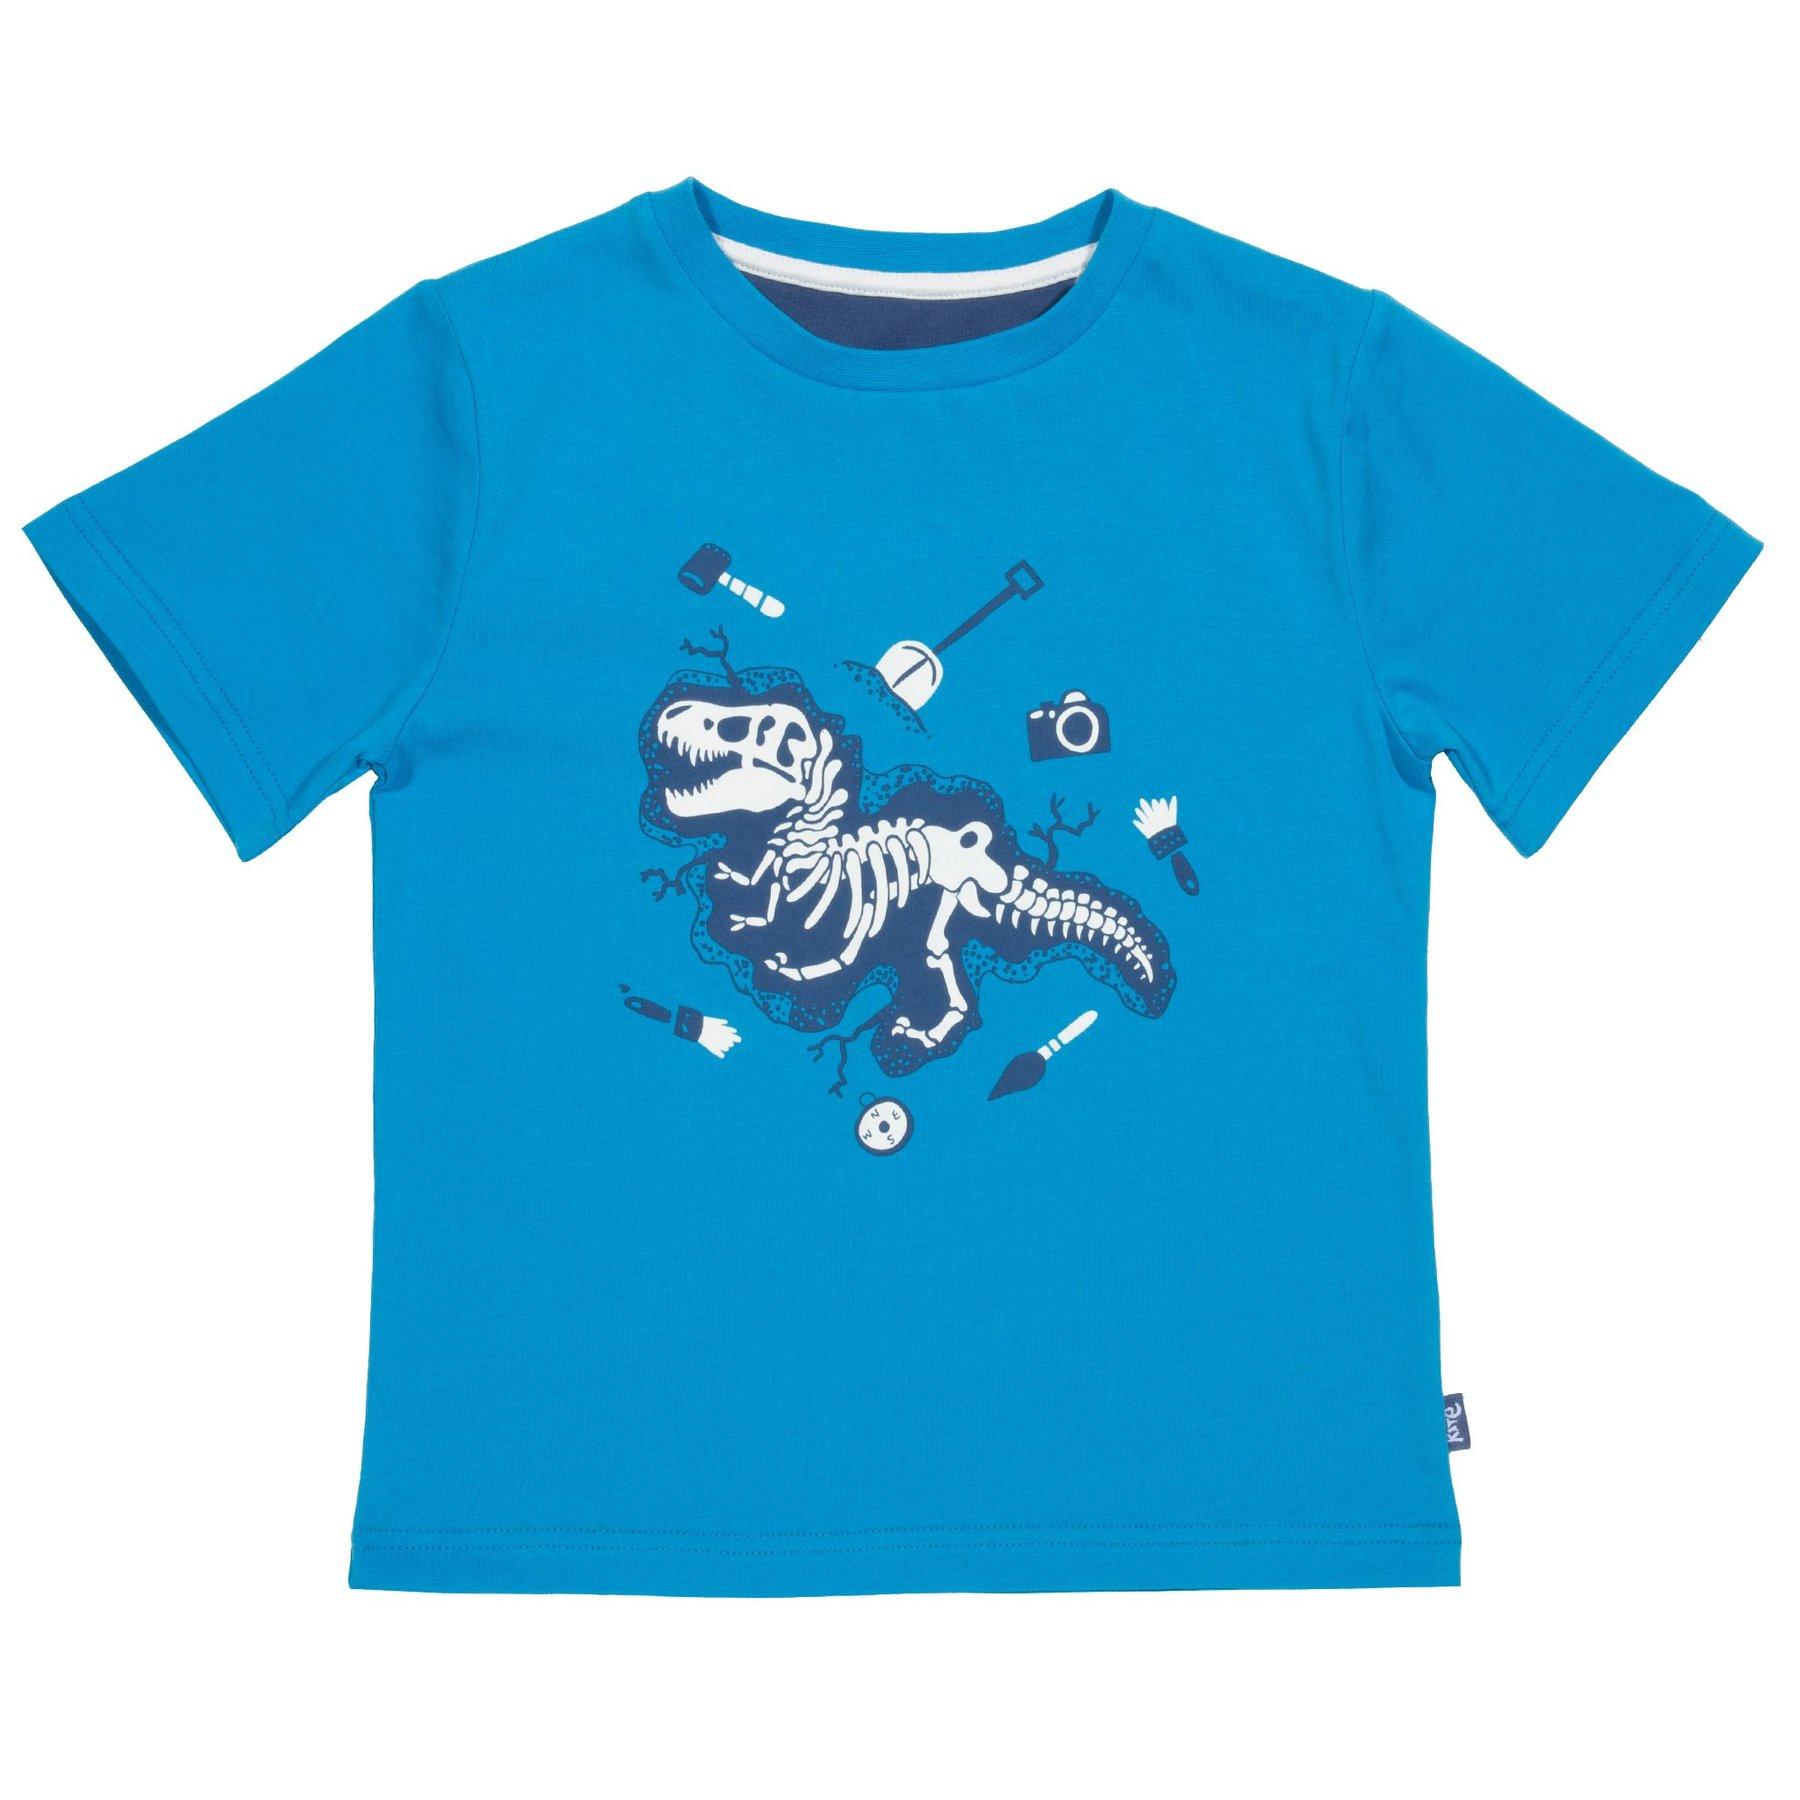 Kite Dino Dig T-Shirt